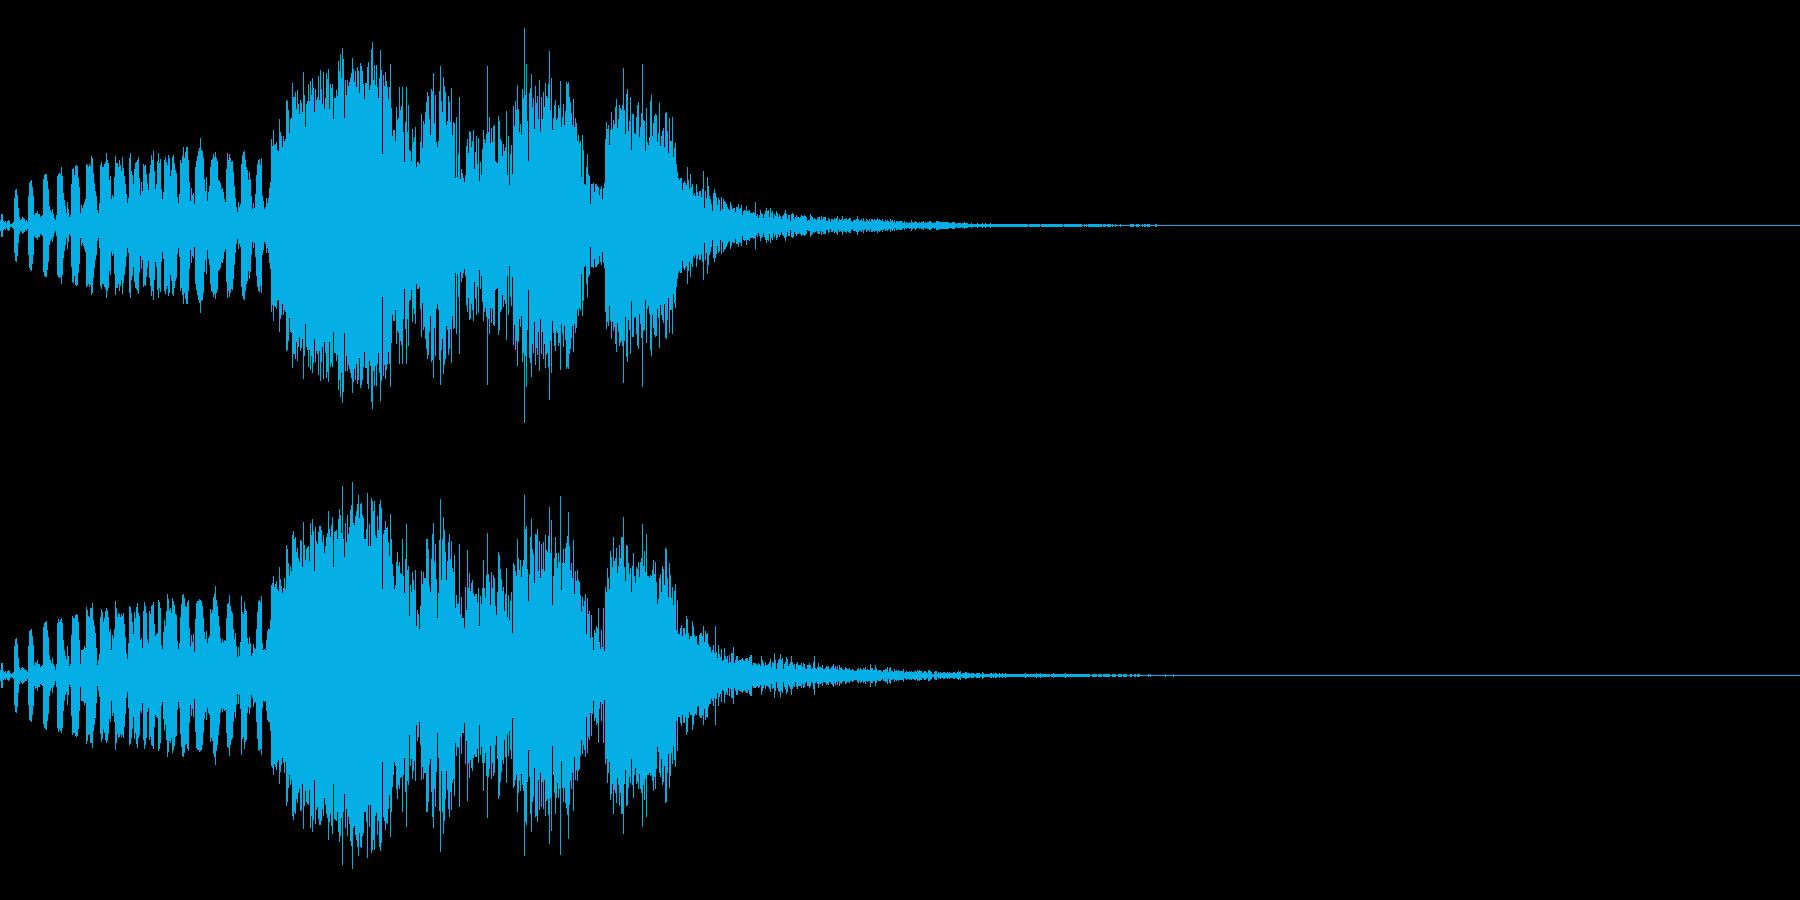 スパーク音-39の再生済みの波形